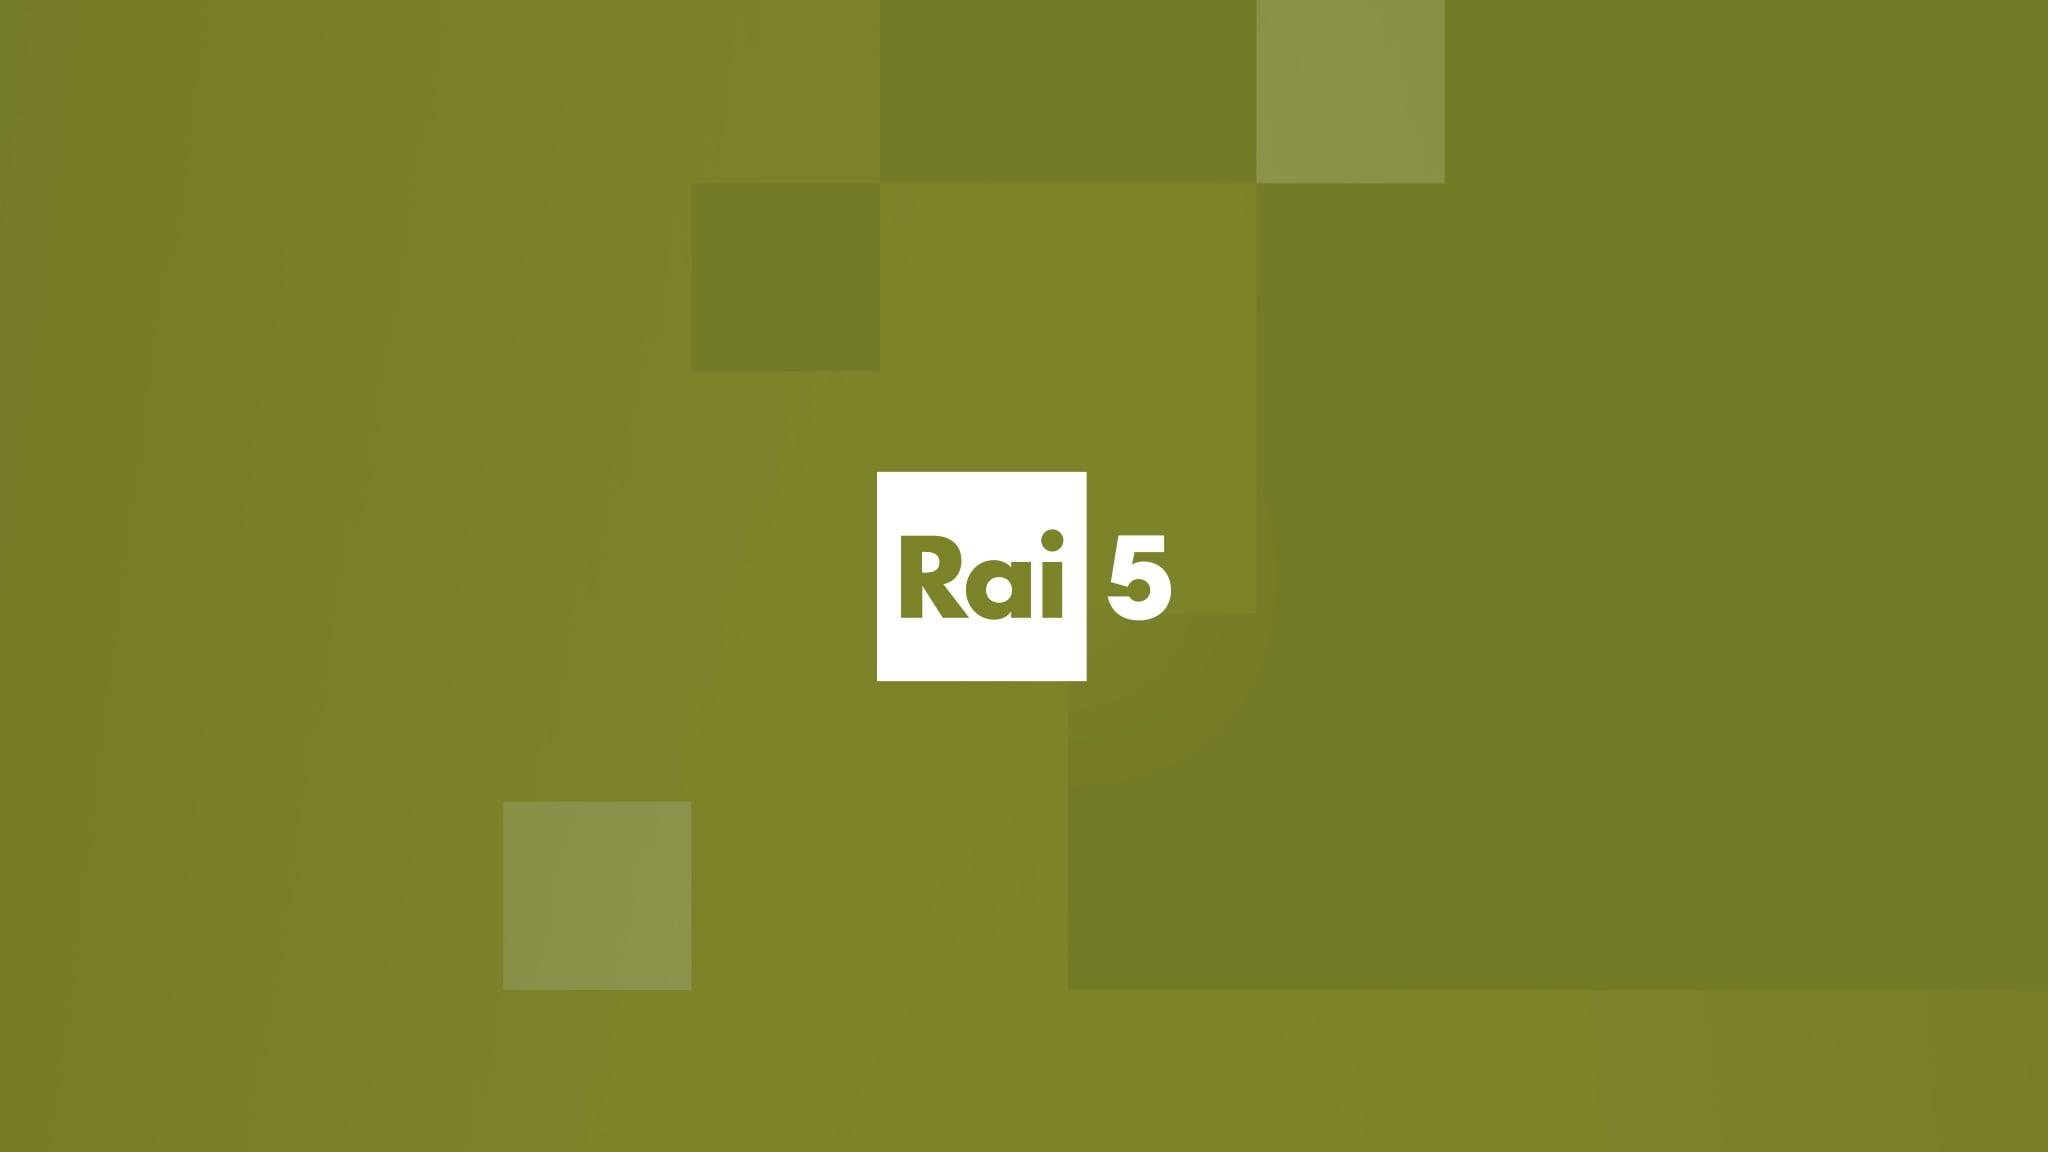 Rai 5 Beatrice Rana - Della musica e delle radici